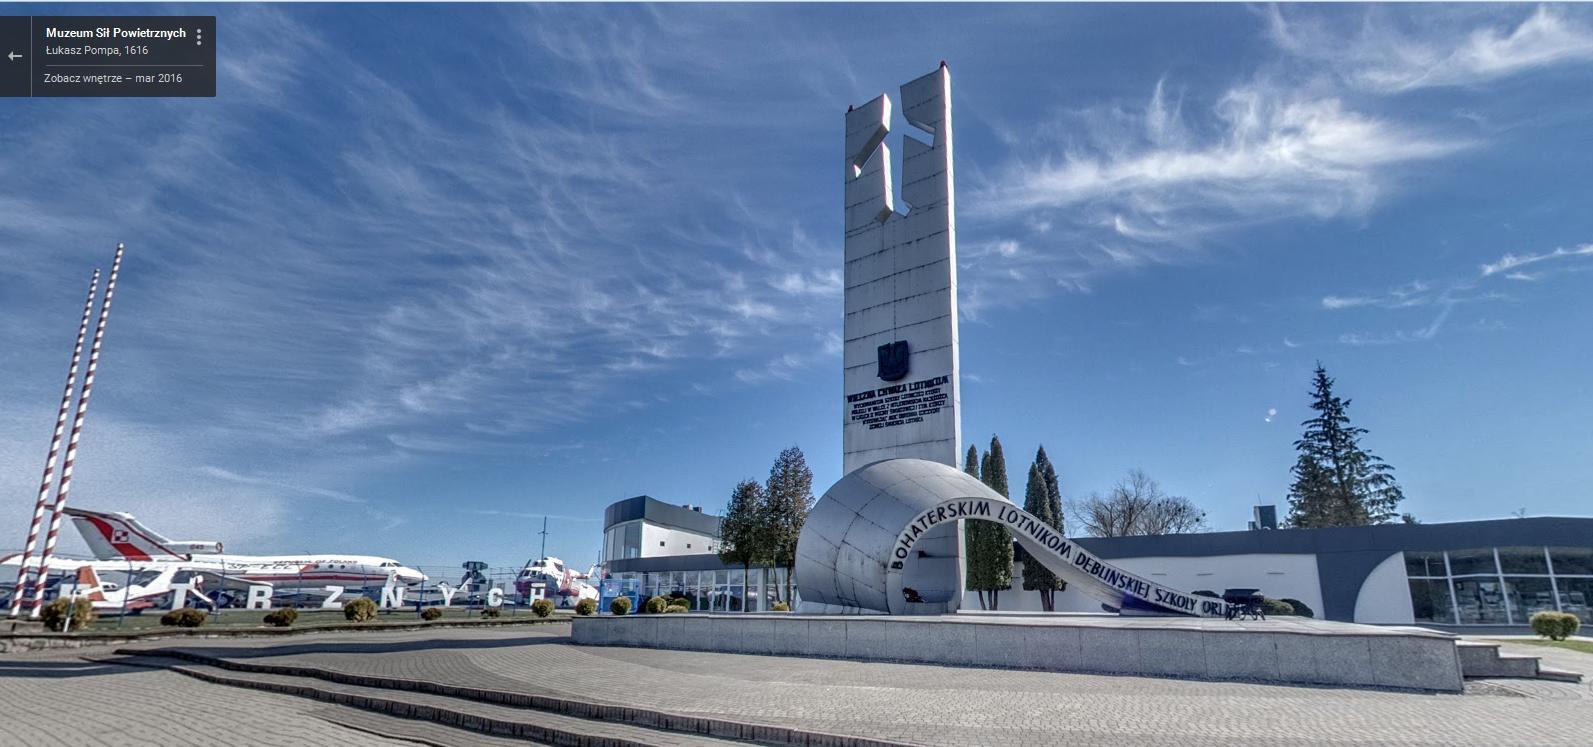 Pomnik Bochaterskich Lotników Dęblińskiej Szkoły Orląt -panorama Google Street View - Muzeum Sił Powietrznych w Dęblinie